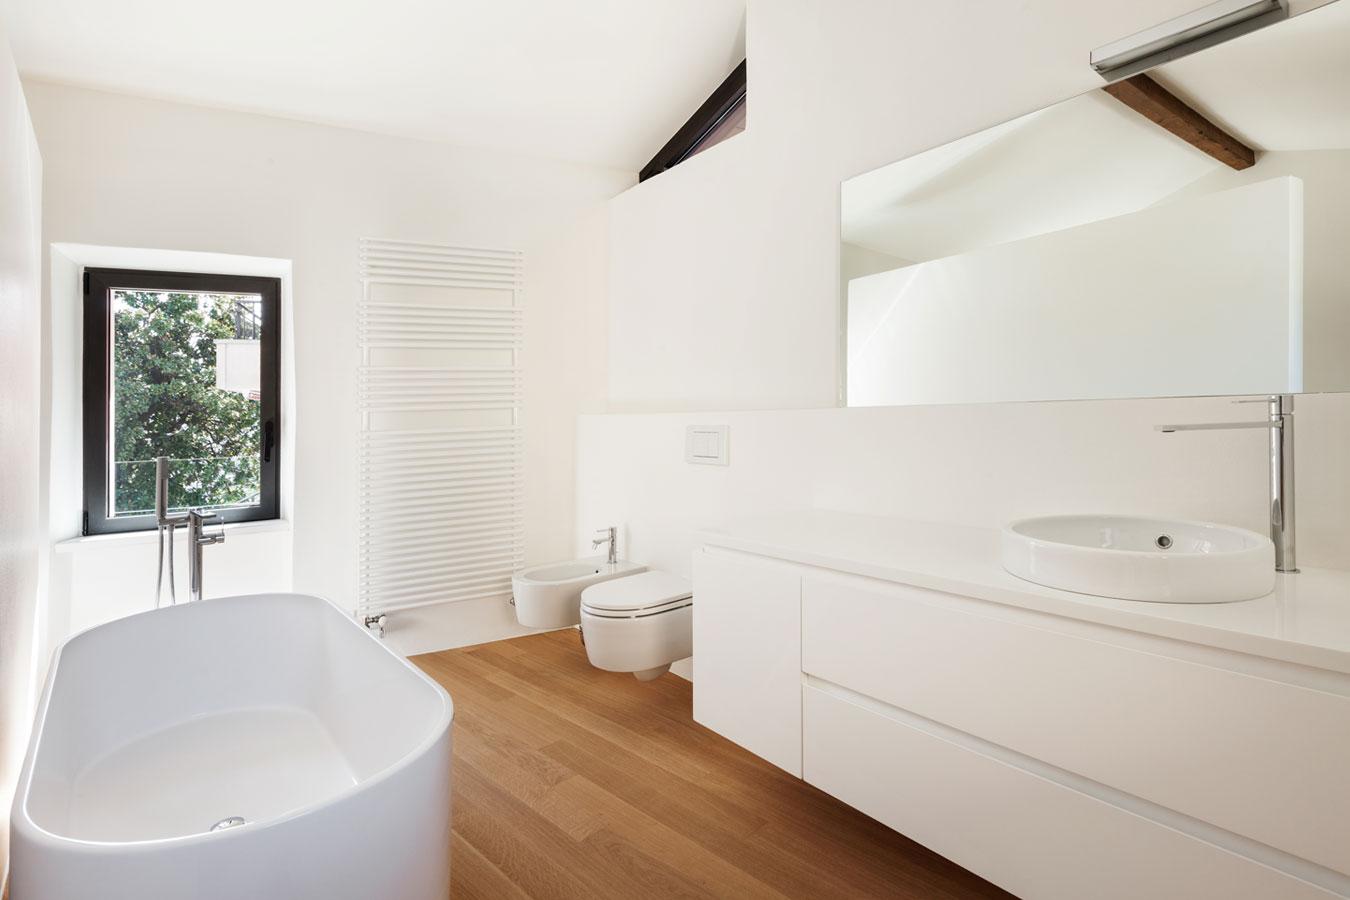 10 dingen om nu weg te gooien uit je badkamer moeders minimalisme - Badkamer m ...